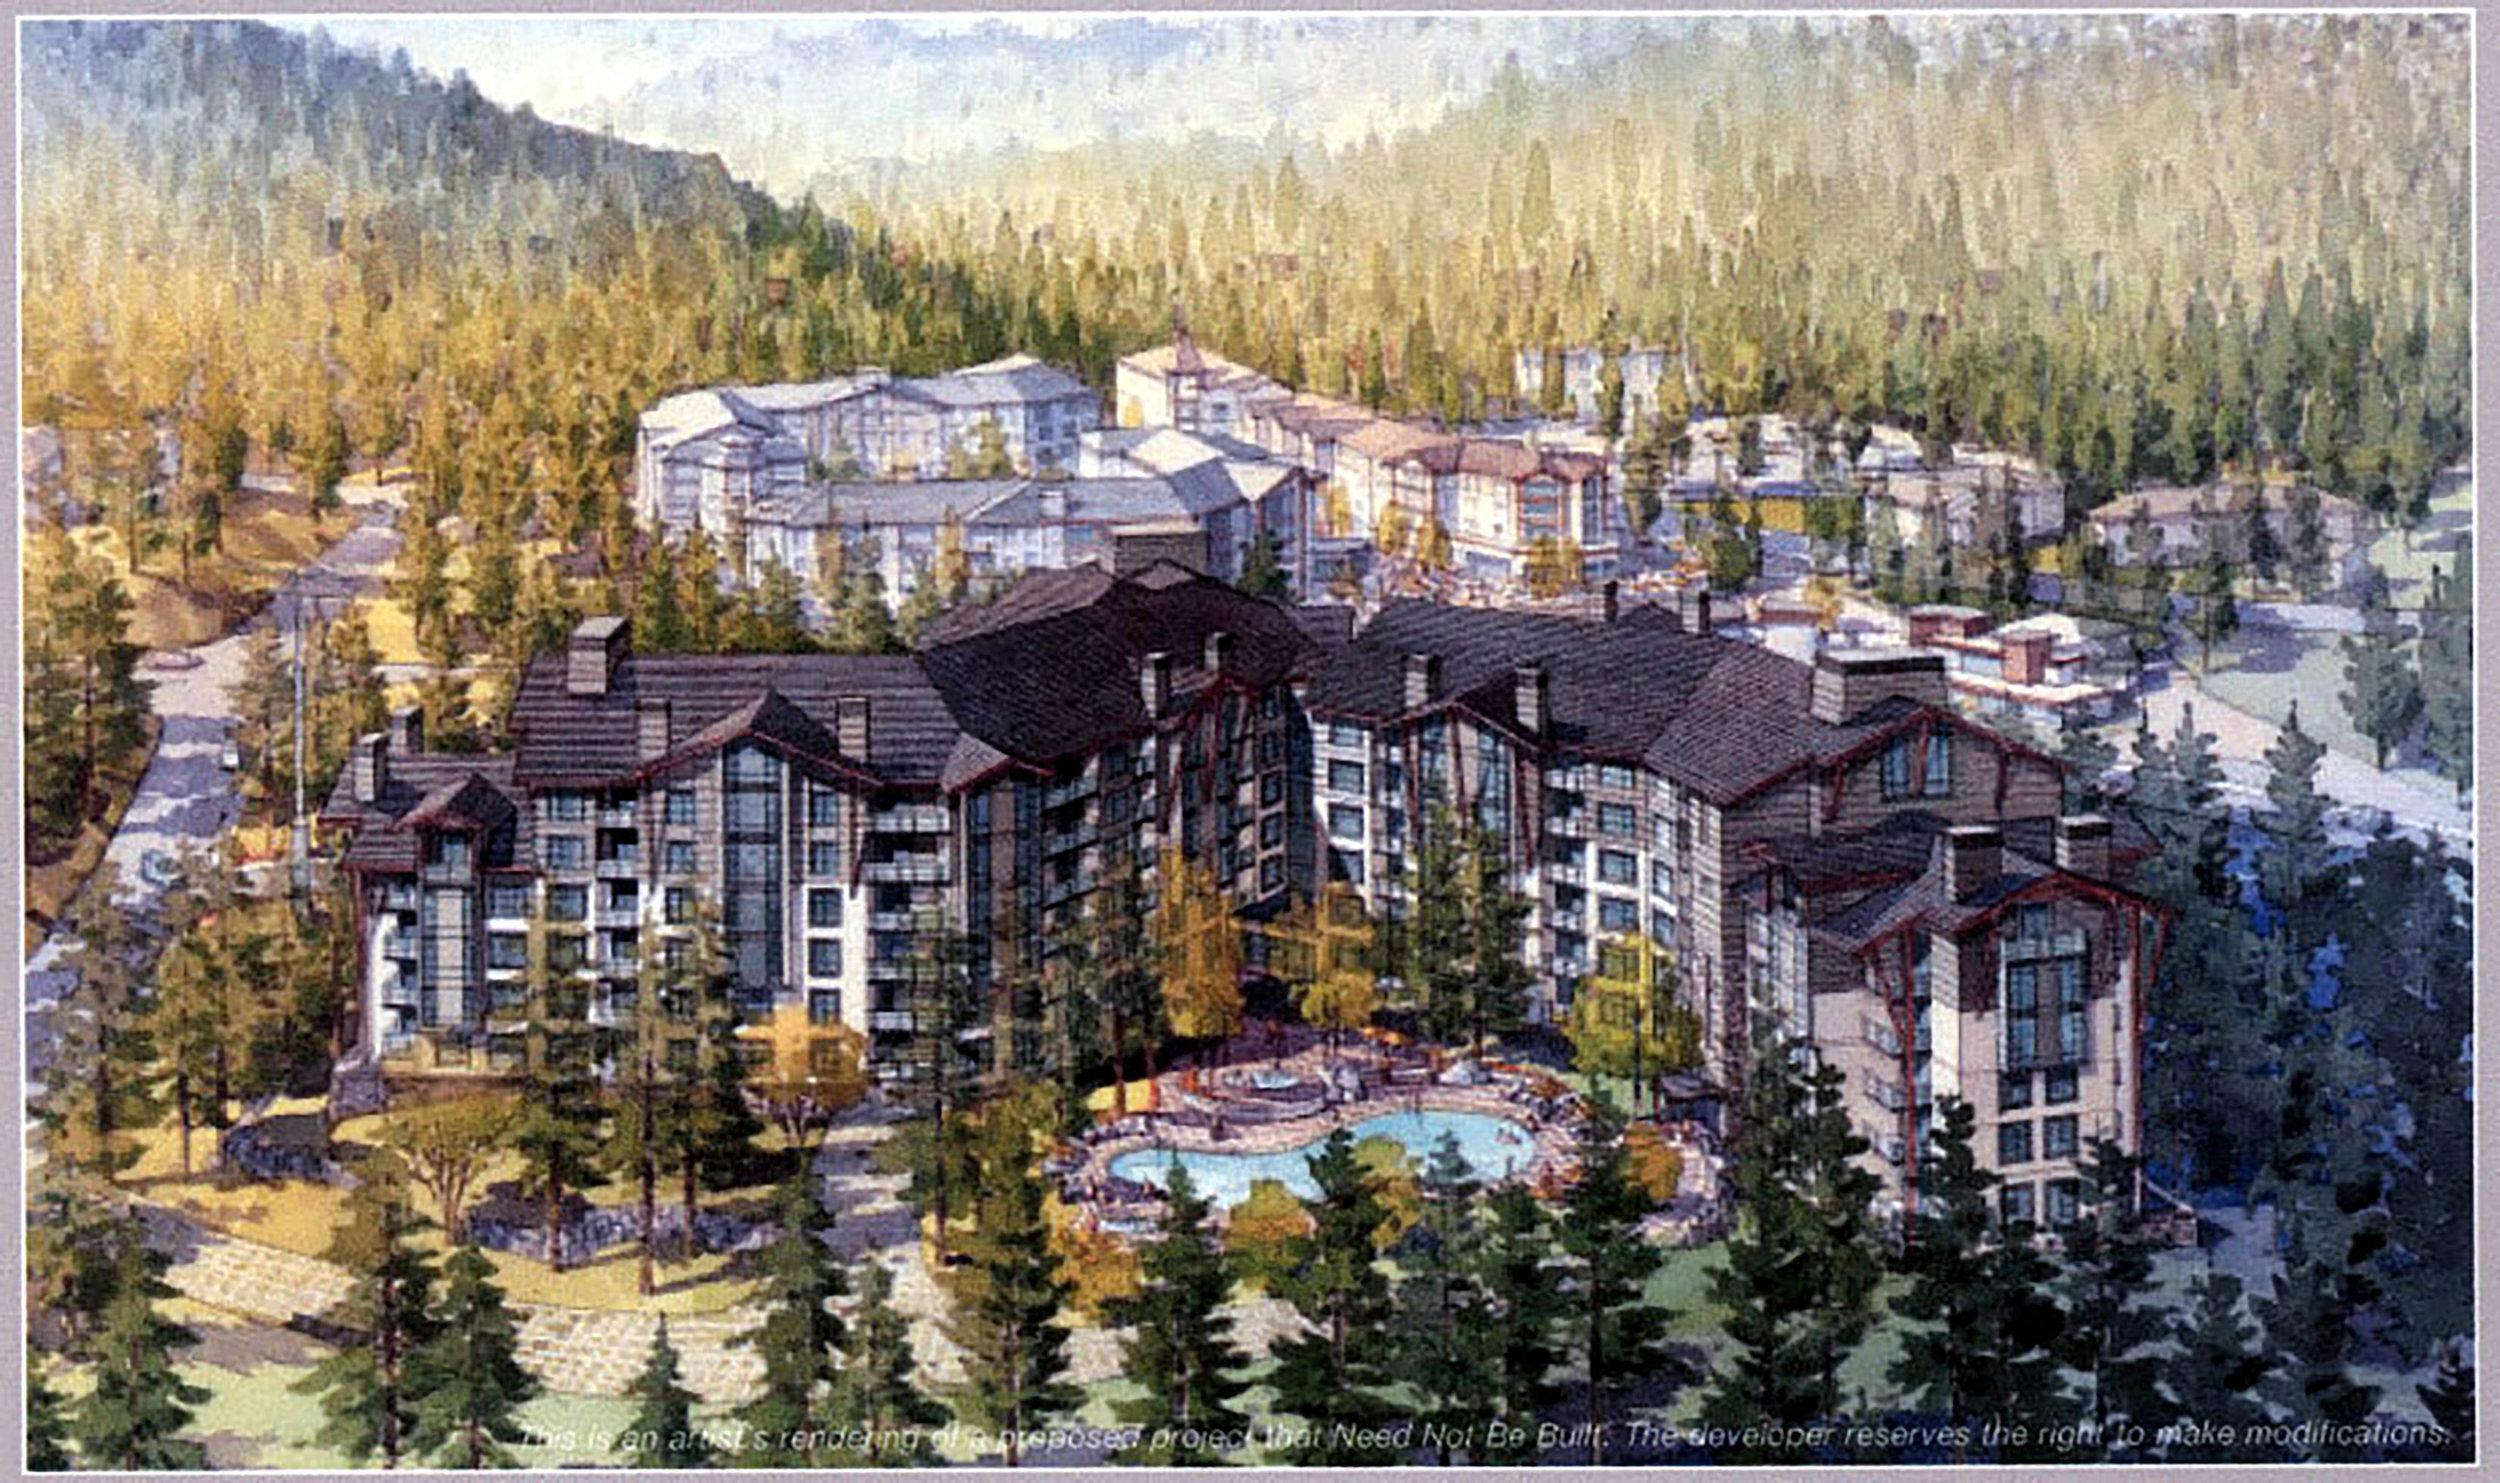 <f>Services</f><f>LandscapeArchitecture</f><f>Markets</f><f>Hospitality</f><t>Westin Monache</t><m>Mammoth, CA</m>